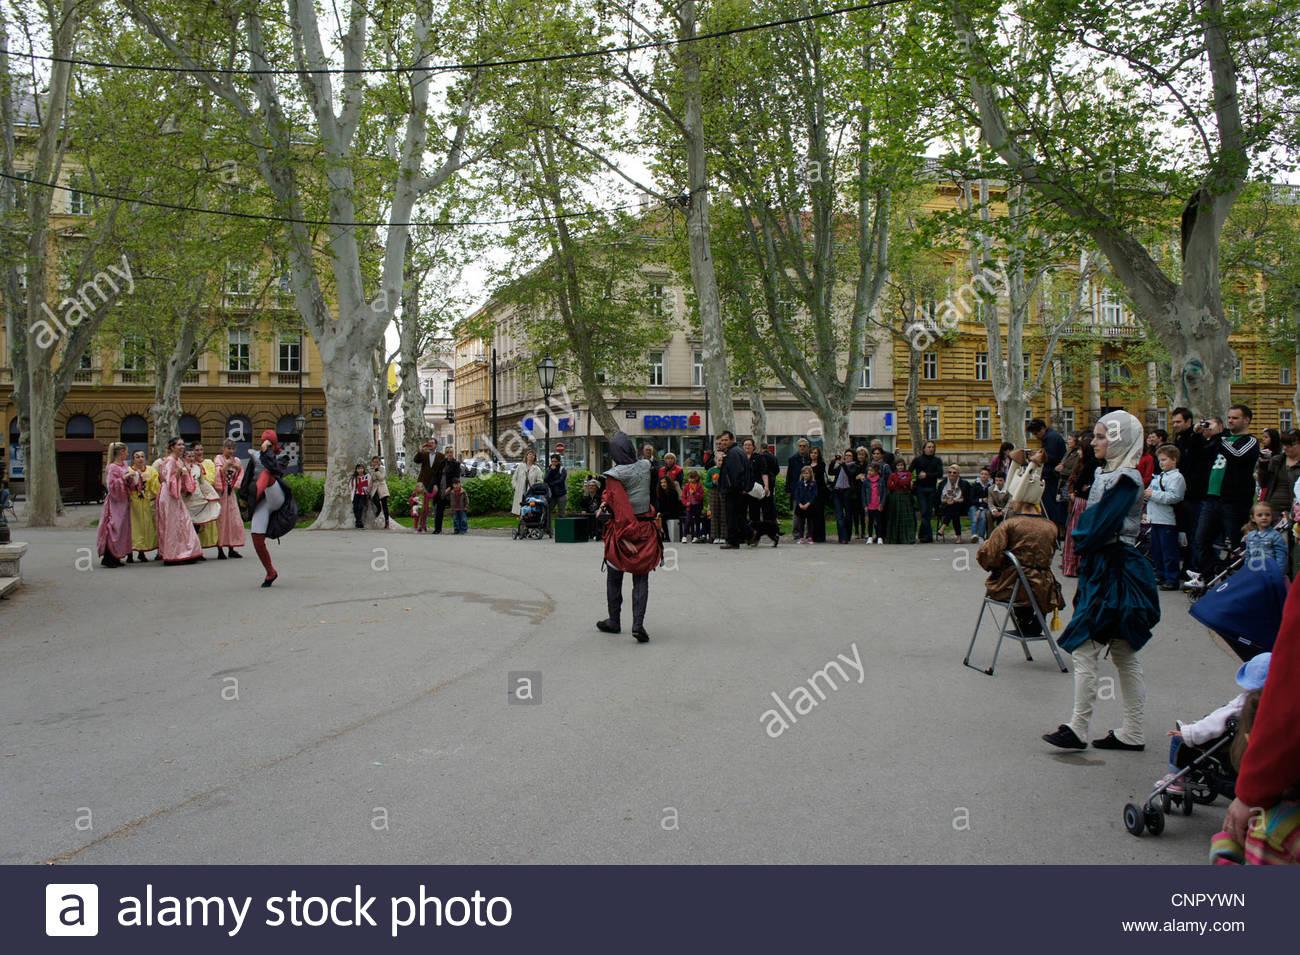 Dance performances in the park Zrinjevac, Zagreb, Croatia - Stock Image